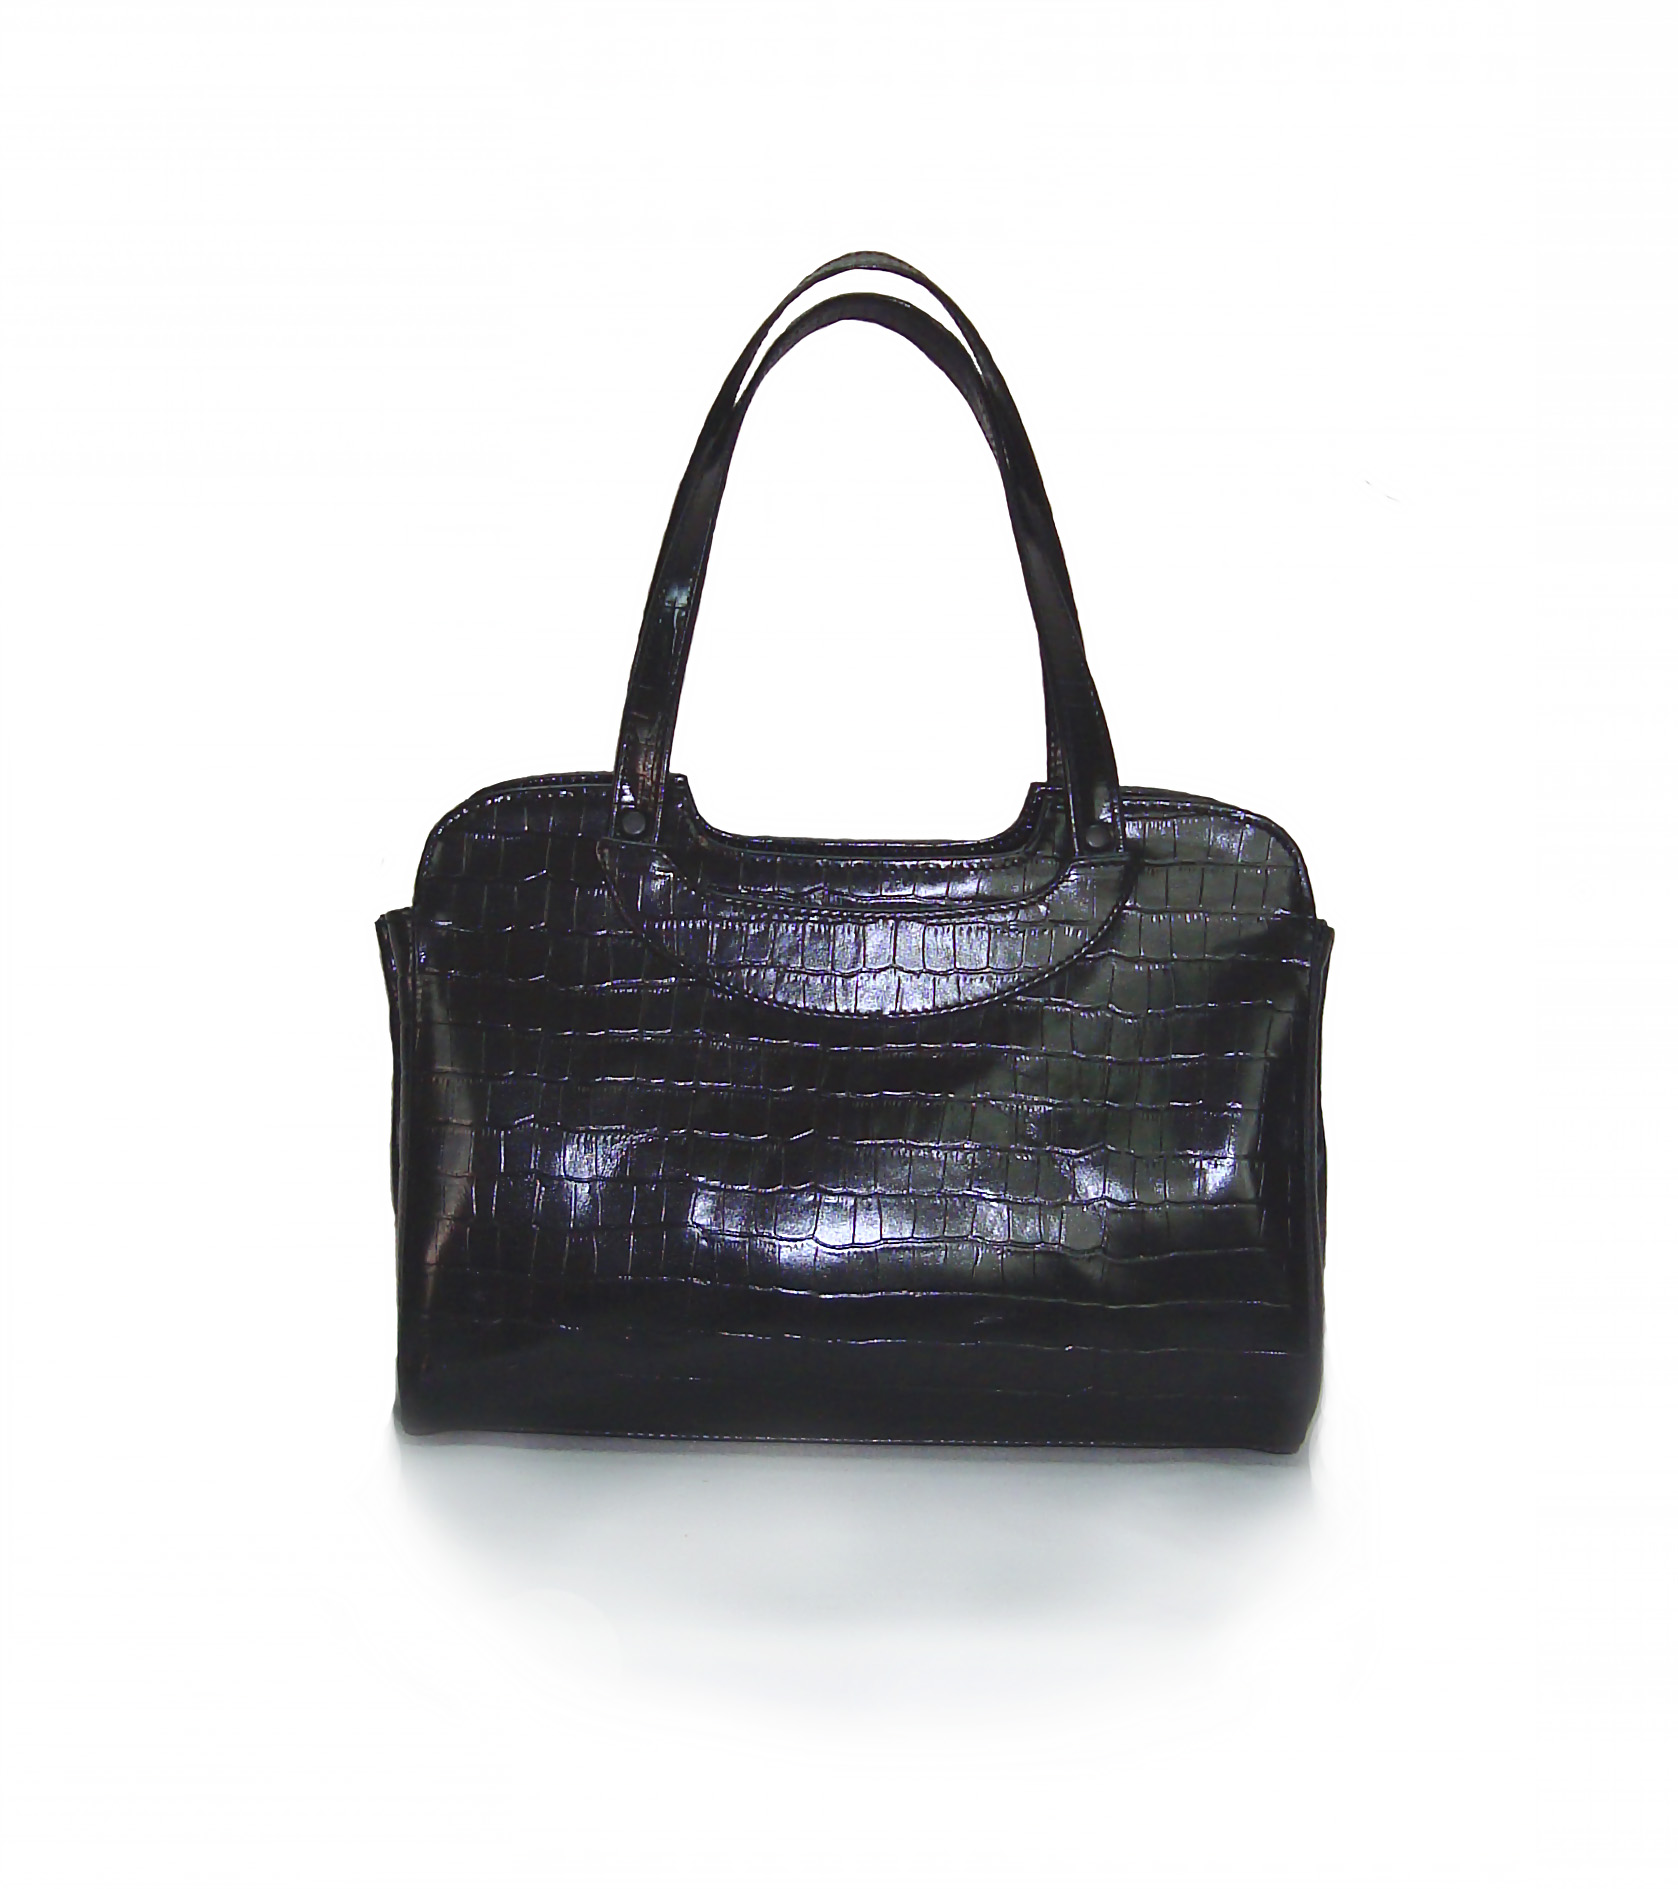 Сумка Модель № 16Сумки и др. изделия из кожи<br>Высота сумки: 22 см <br>Ширина сумки: 32 см <br>Ширина дна: 12 см <br>Ширина в верху: 8 см <br>Длинна ручек: 48 см<br><br>Тип: Сумка<br>Размер: -<br>Материал: Натуральная кожа